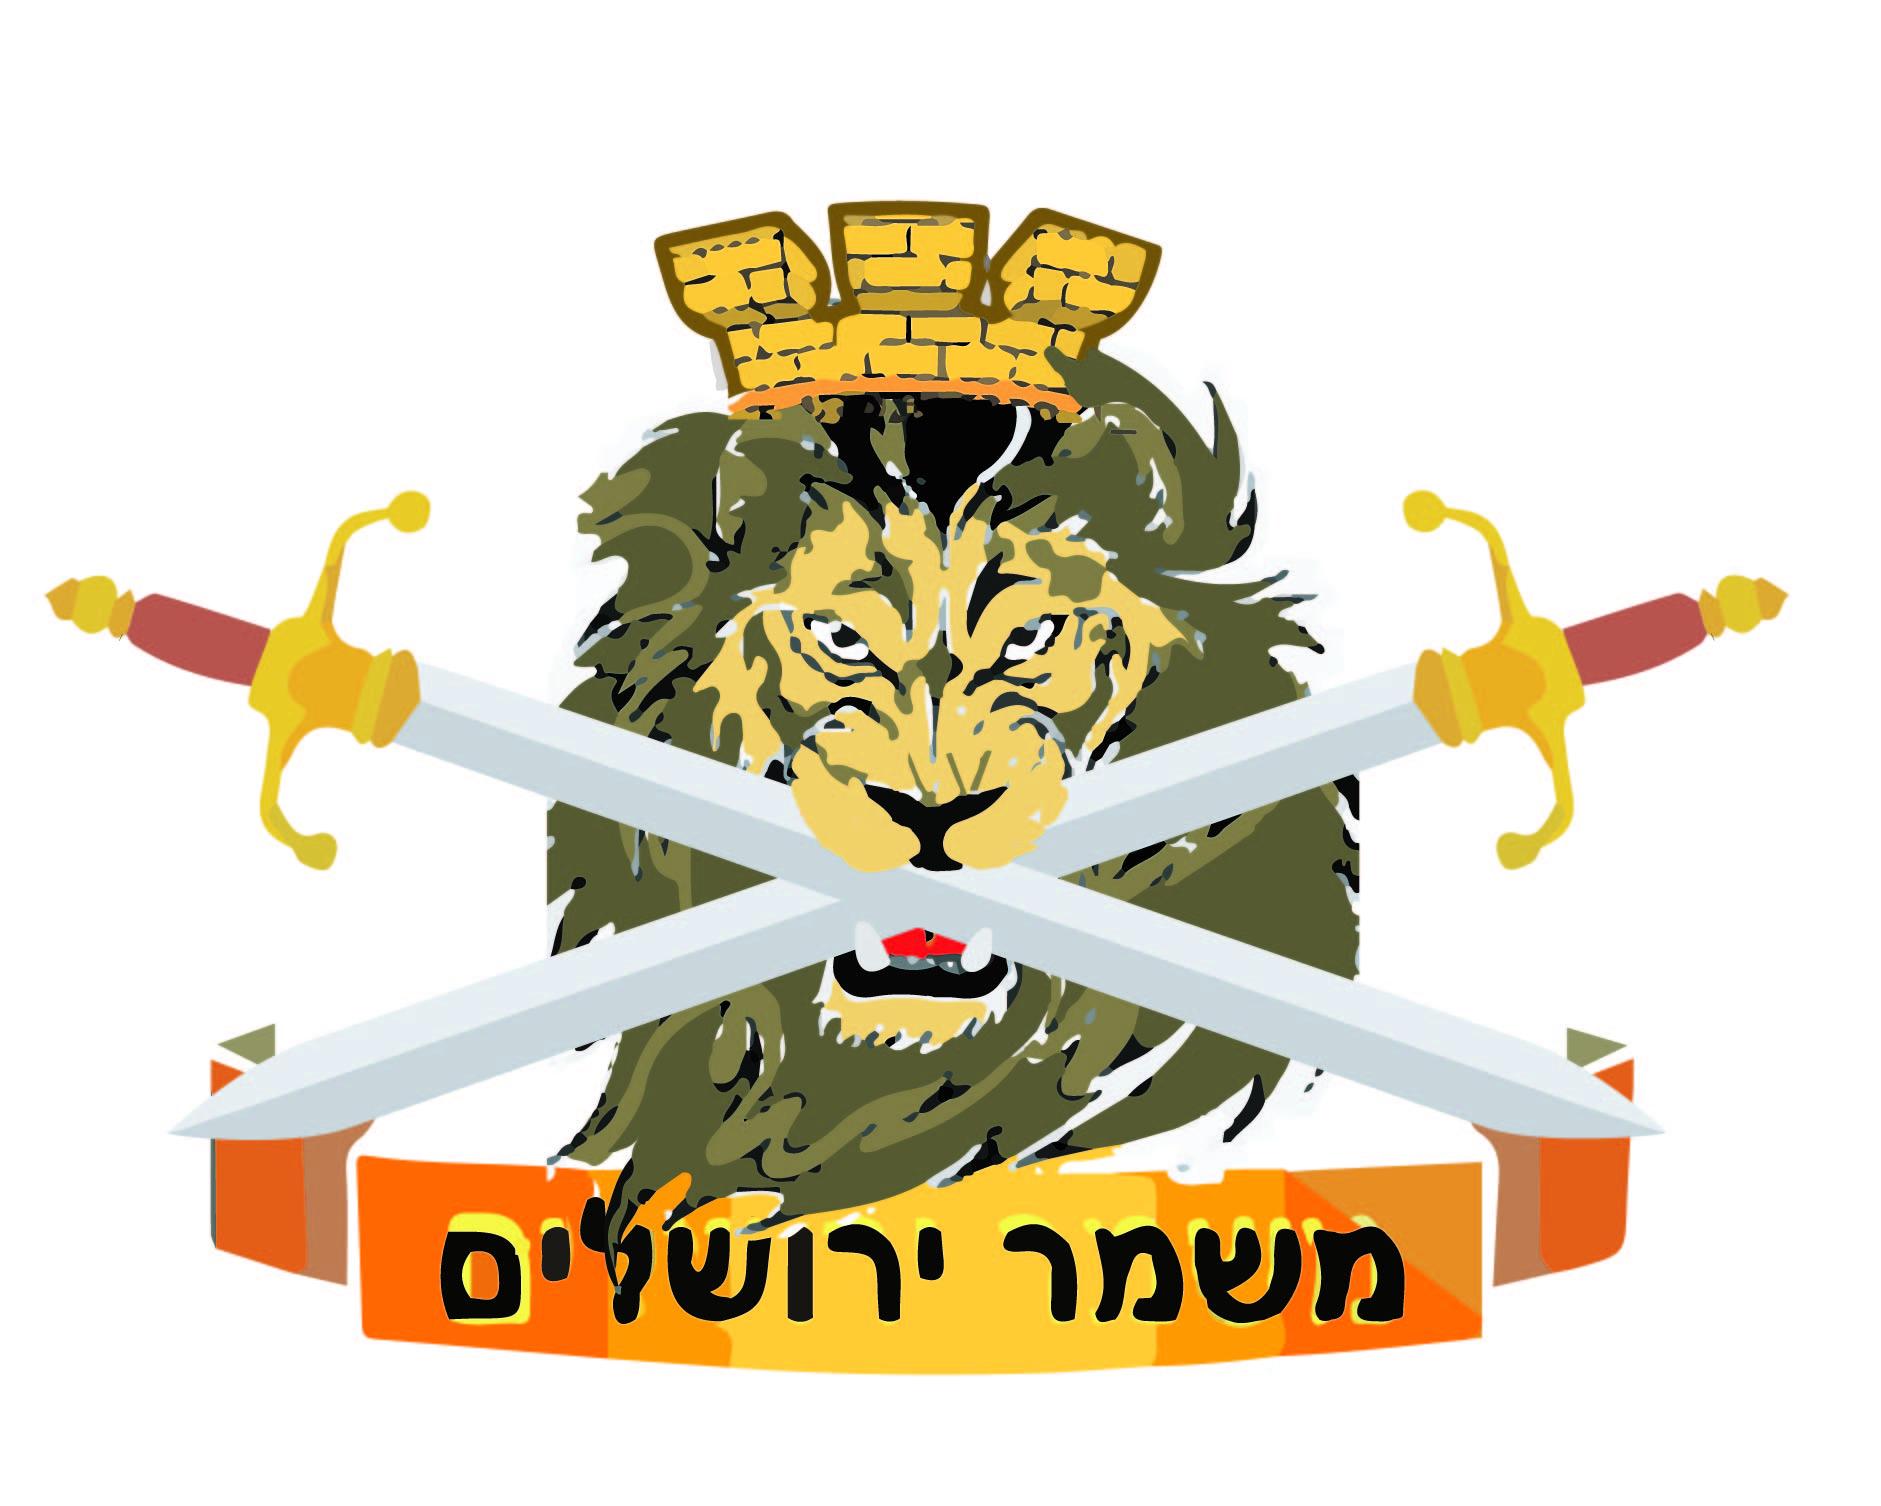 Разработка логотипа. Компания Страж Иерусалима фото f_54251f116266be59.jpg